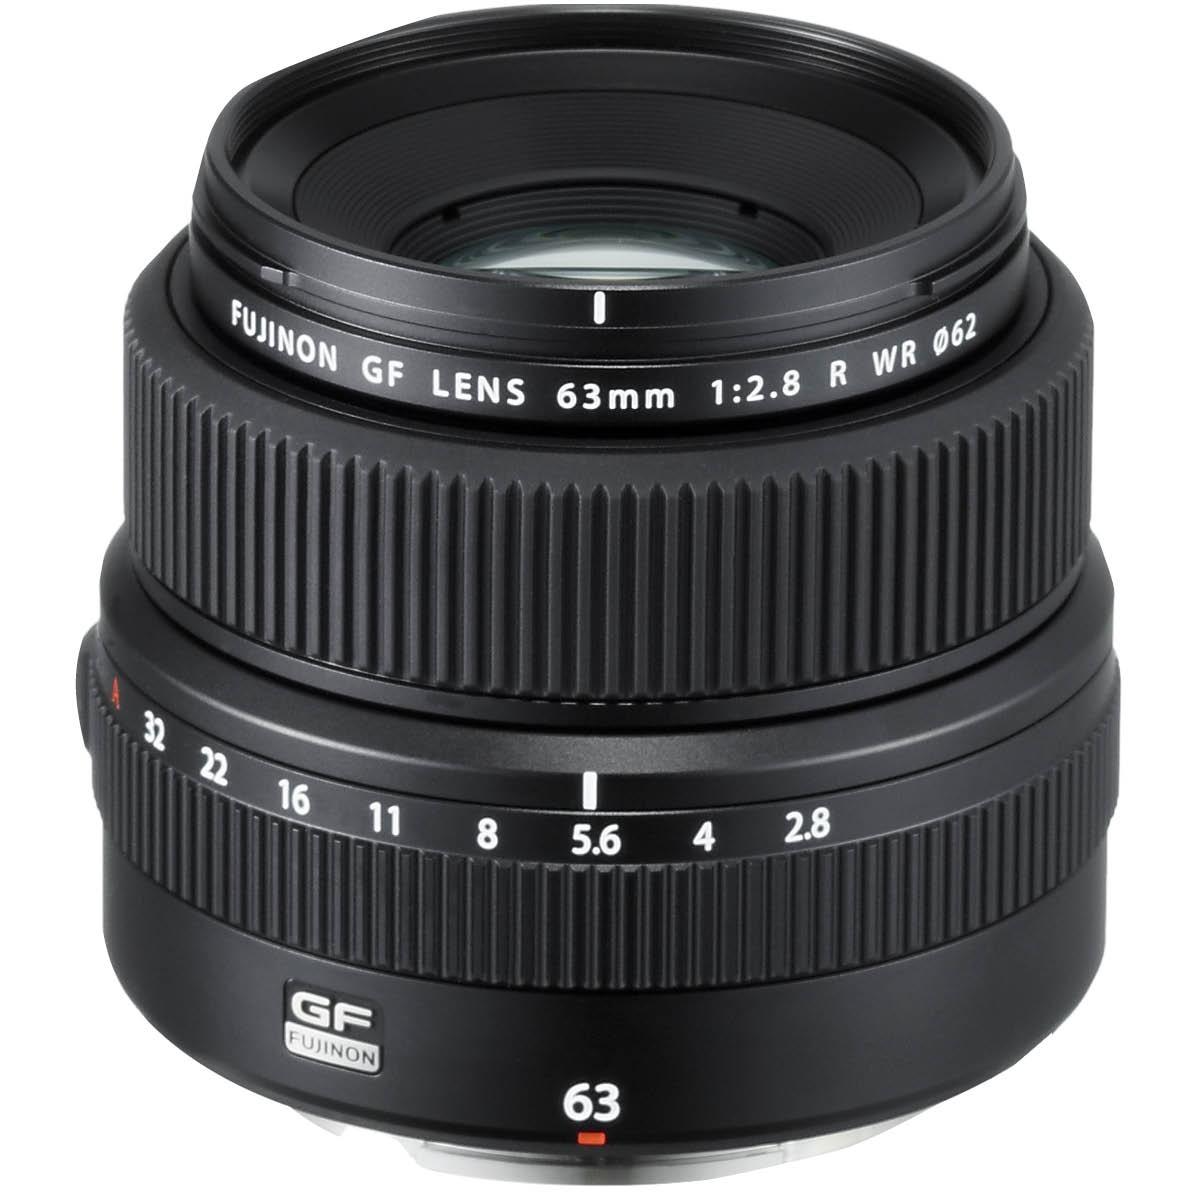 Fujifilm GF 63 mm 1:2,8 R WR